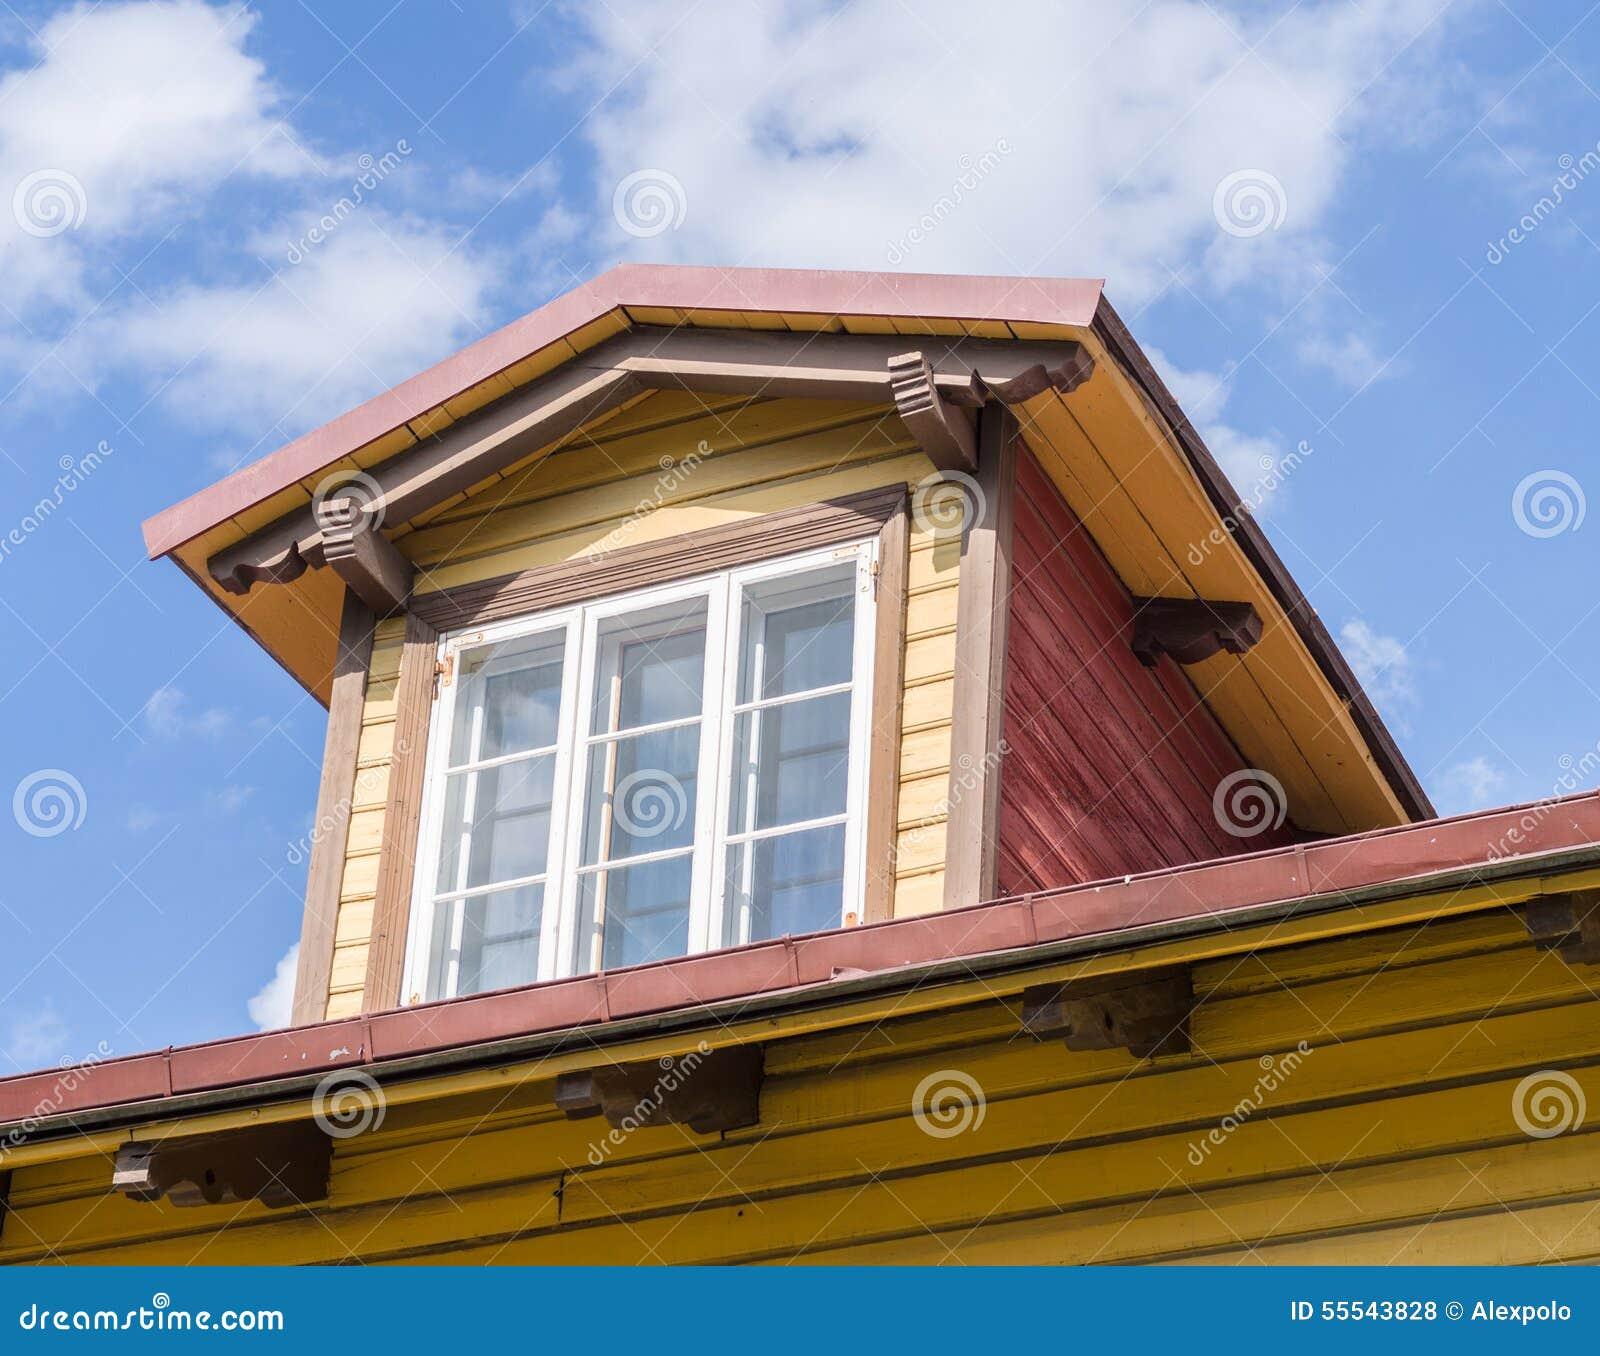 Fen tre de mansarde dans la maison en bois photo stock for Fenetre de maison